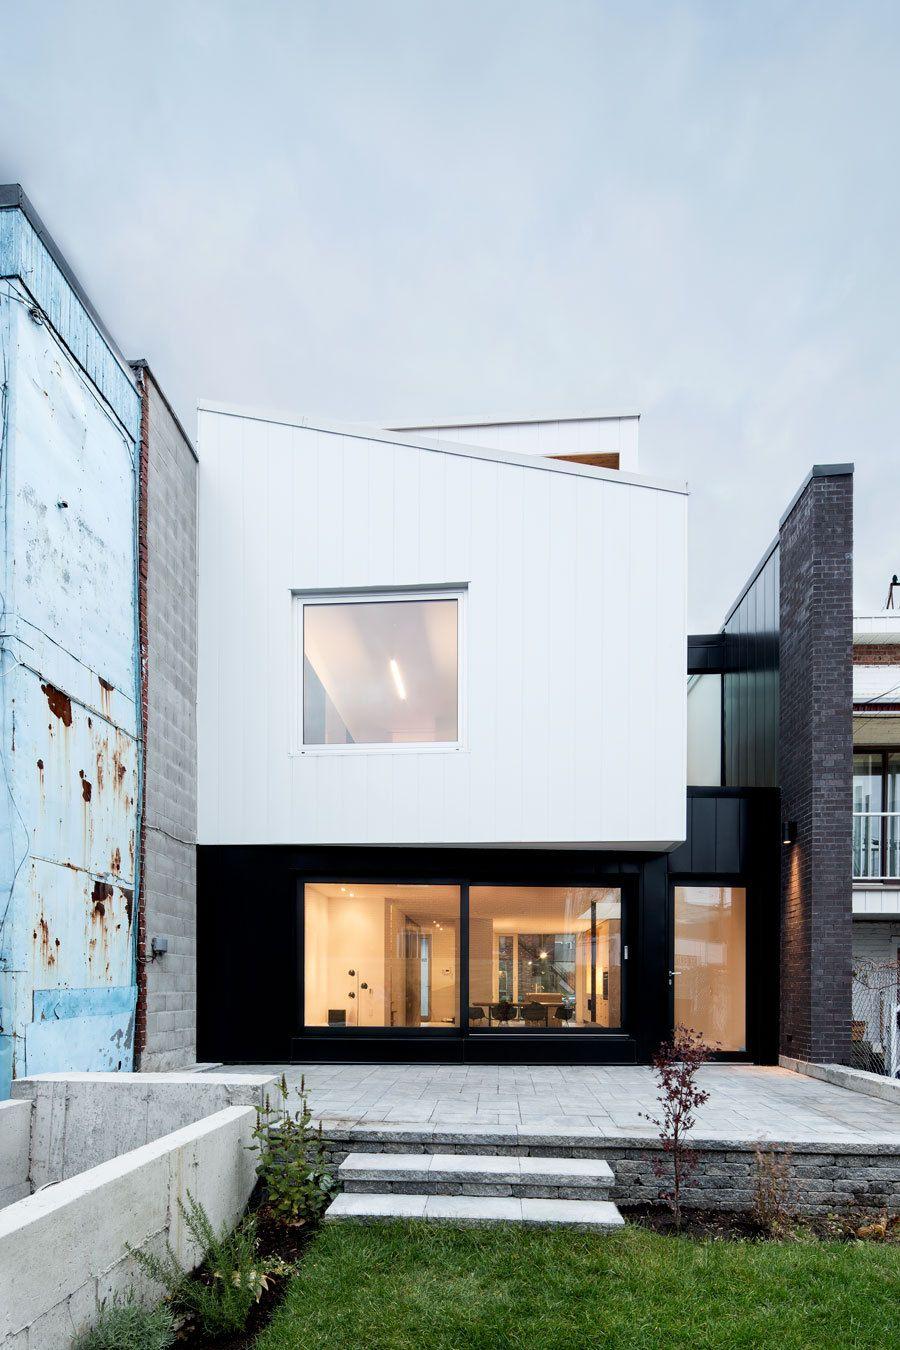 mit der k che zur stra e reihenhaus in montreal pinterest departamentos y fachadas. Black Bedroom Furniture Sets. Home Design Ideas